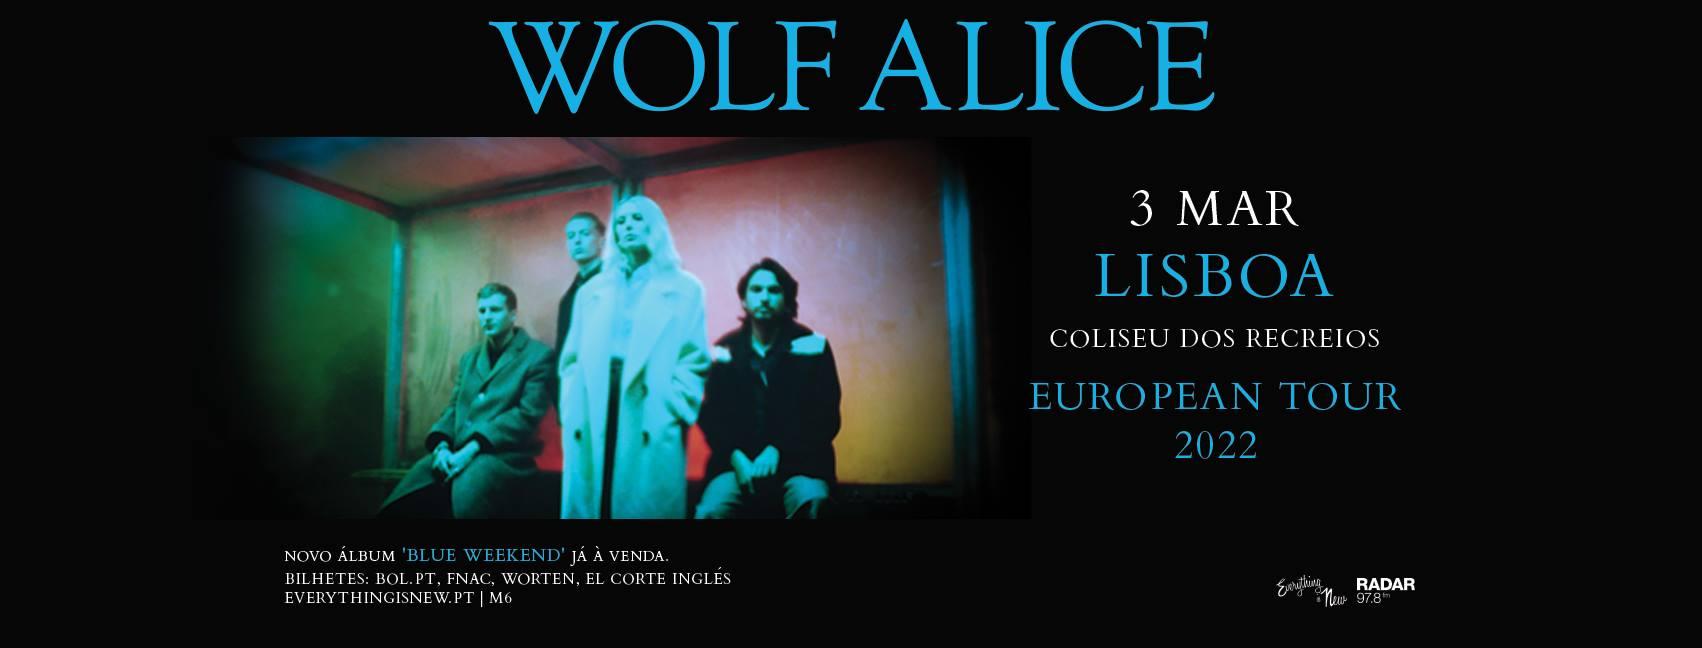 WOLF ALICE // COLISEU DOS RECREIOS